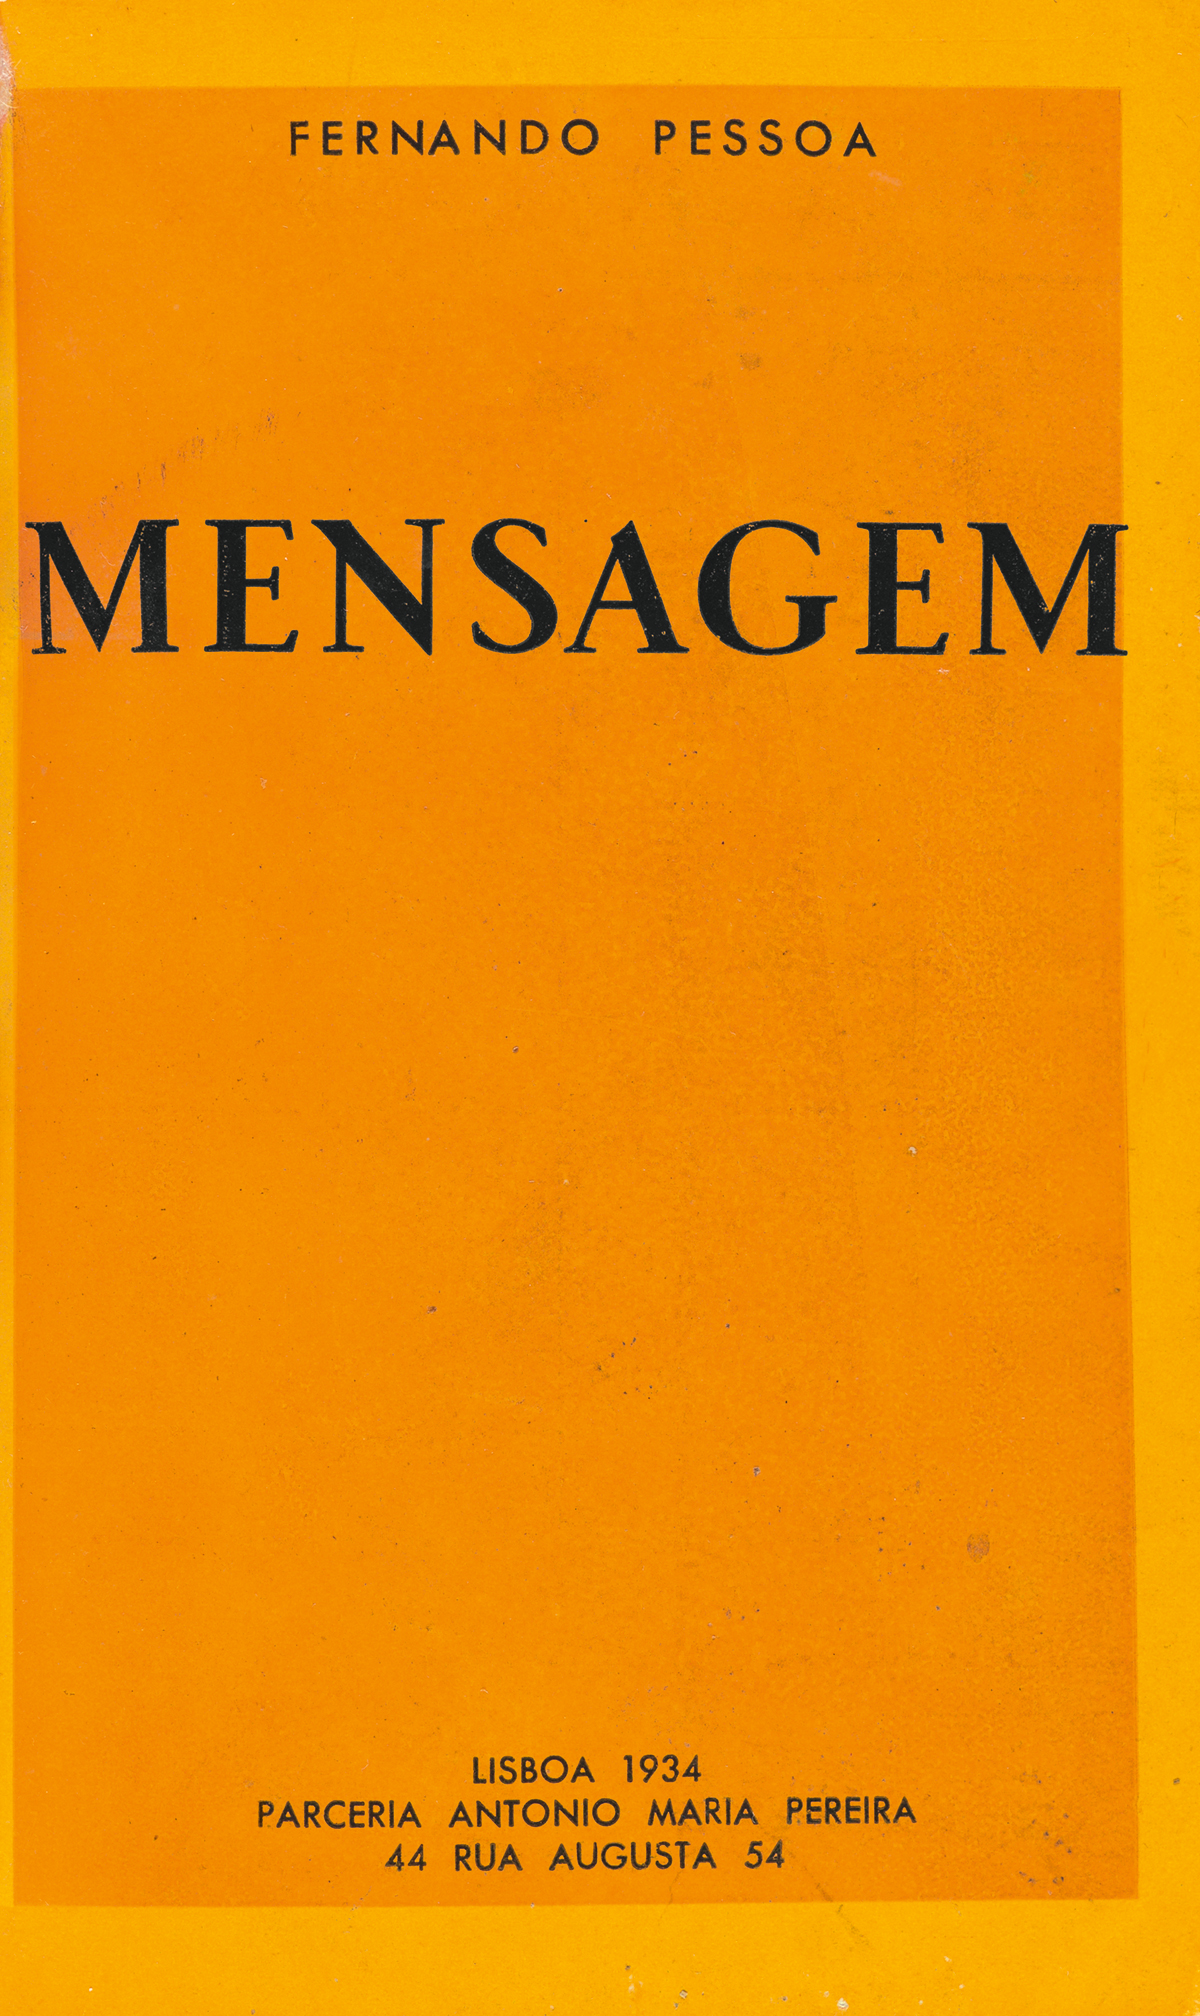 PESSOA-FERNANDO-Mensagem